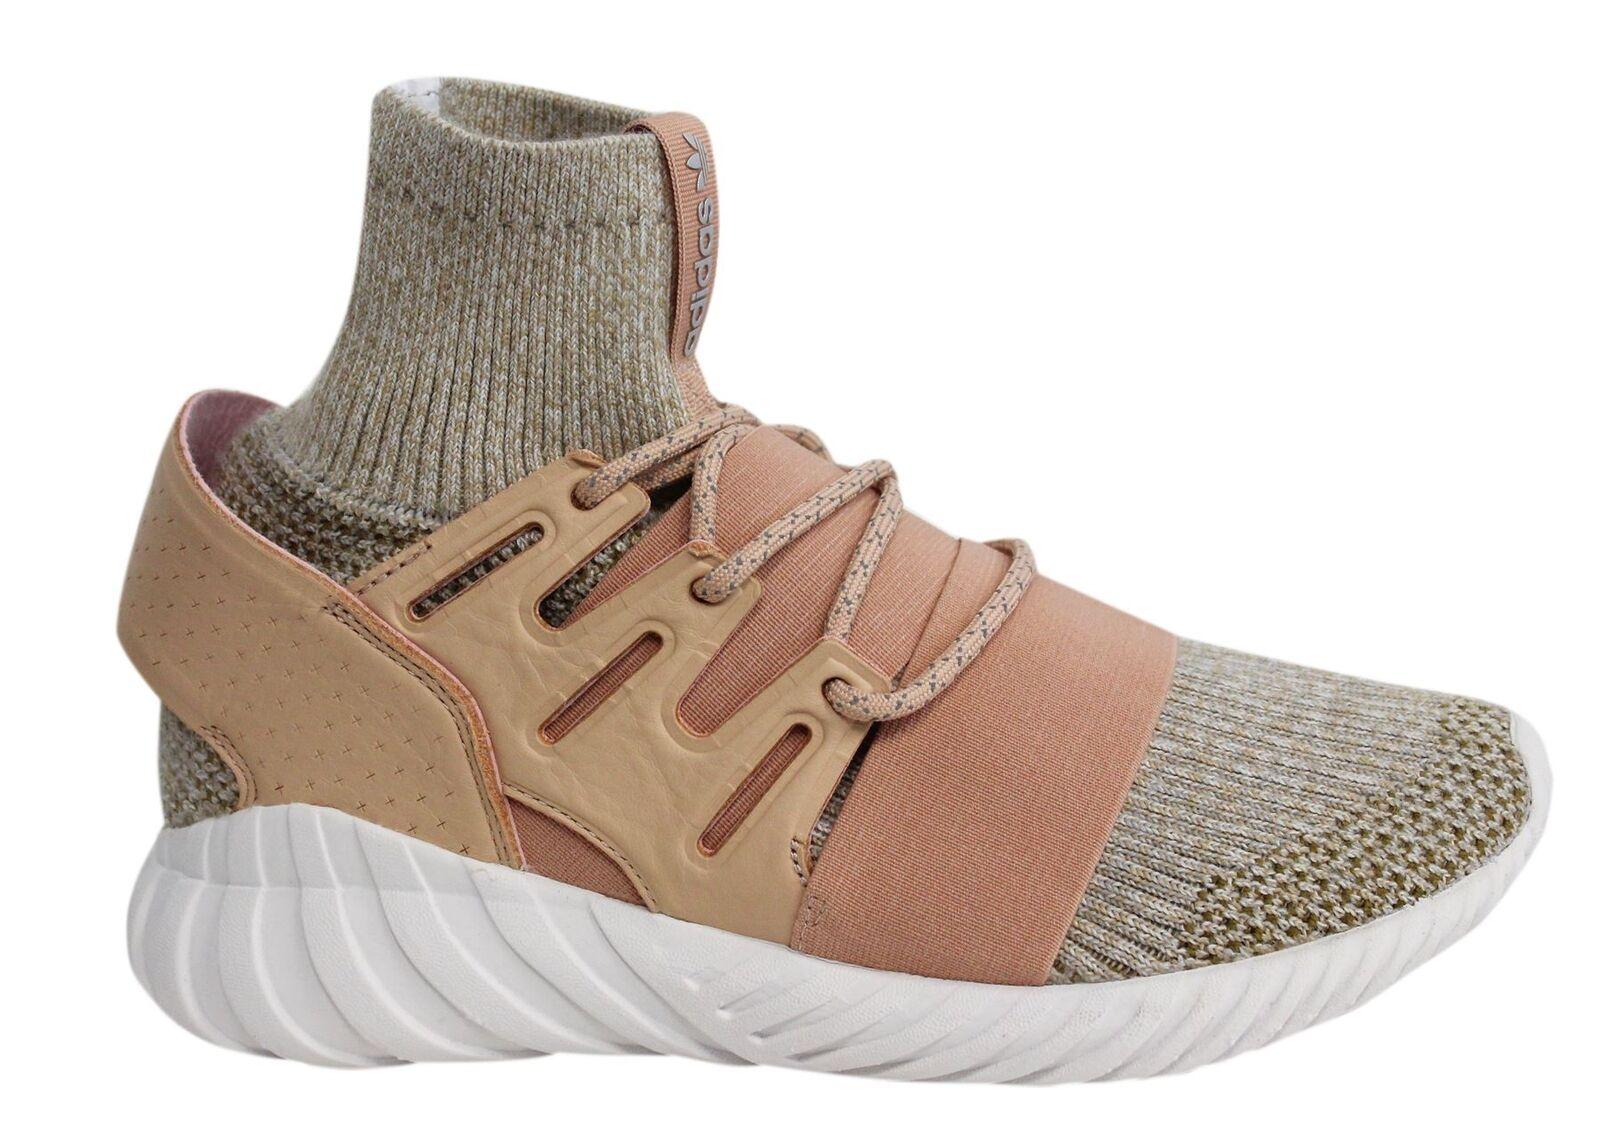 Adidas manguera Doom envase para abrochar marrón calcetín ajuste señores zapatillas de deporte